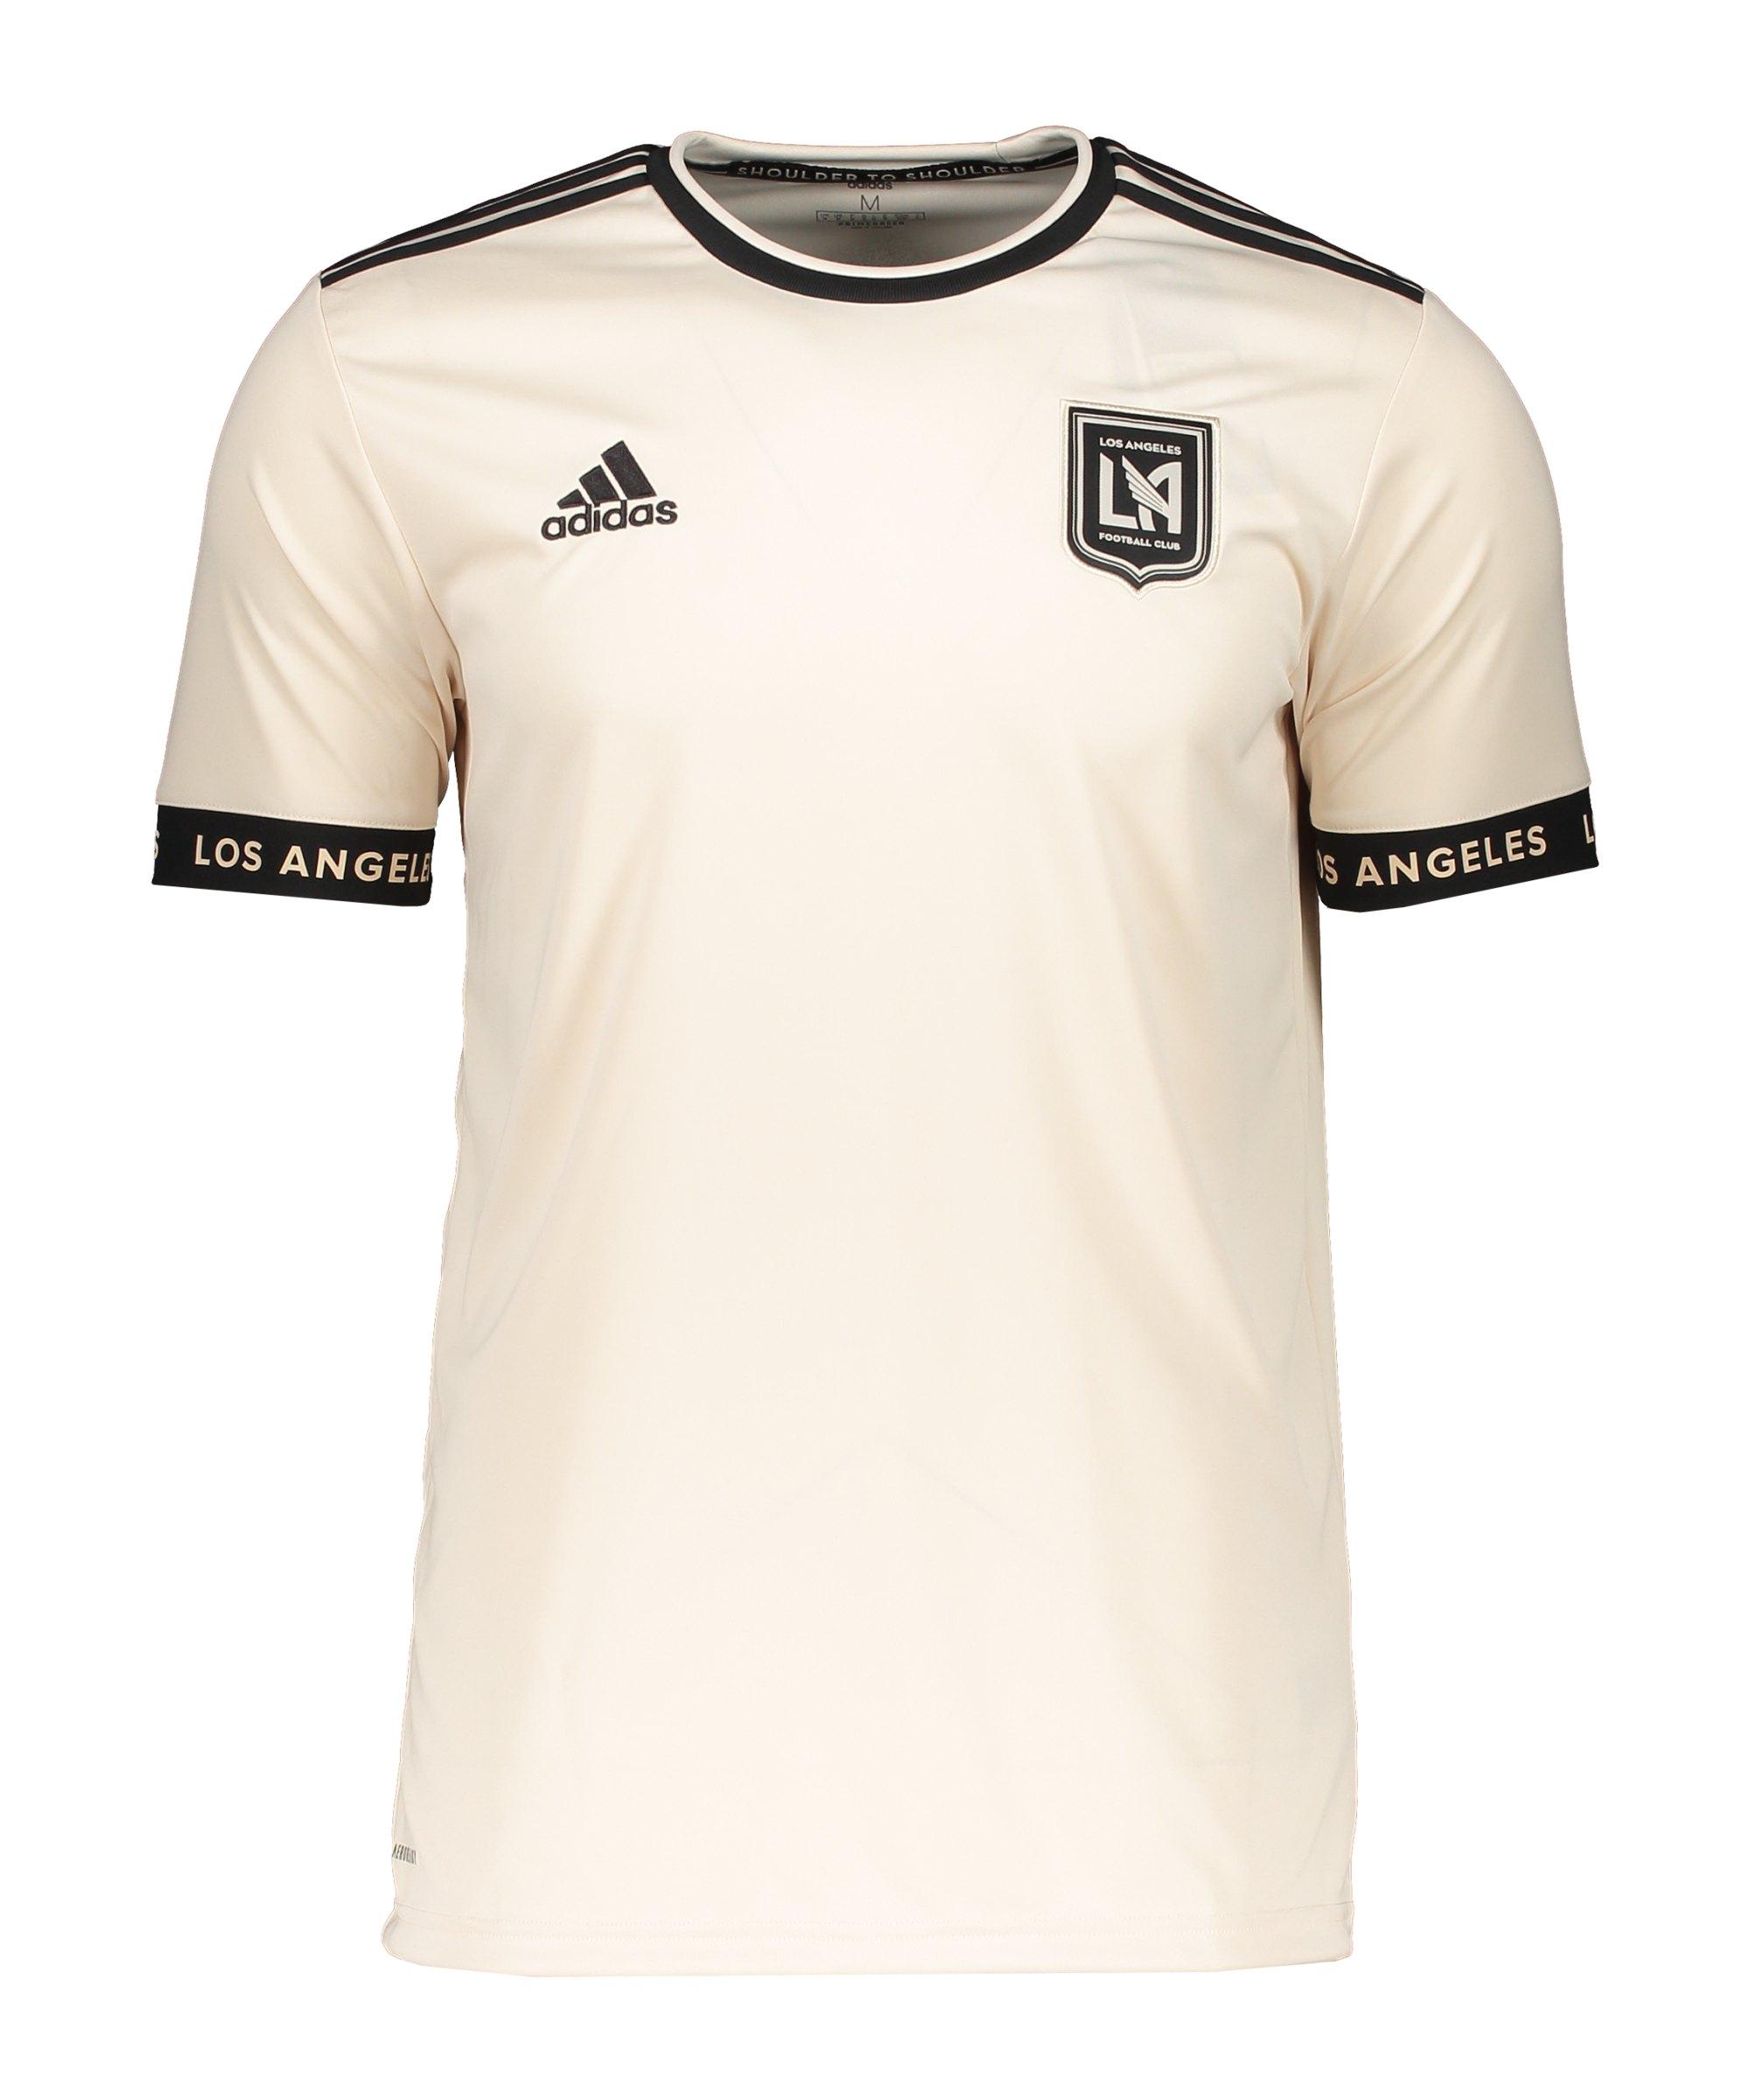 adidas Los Angeles FC Trikot Away 2021/2022 Beige - beige